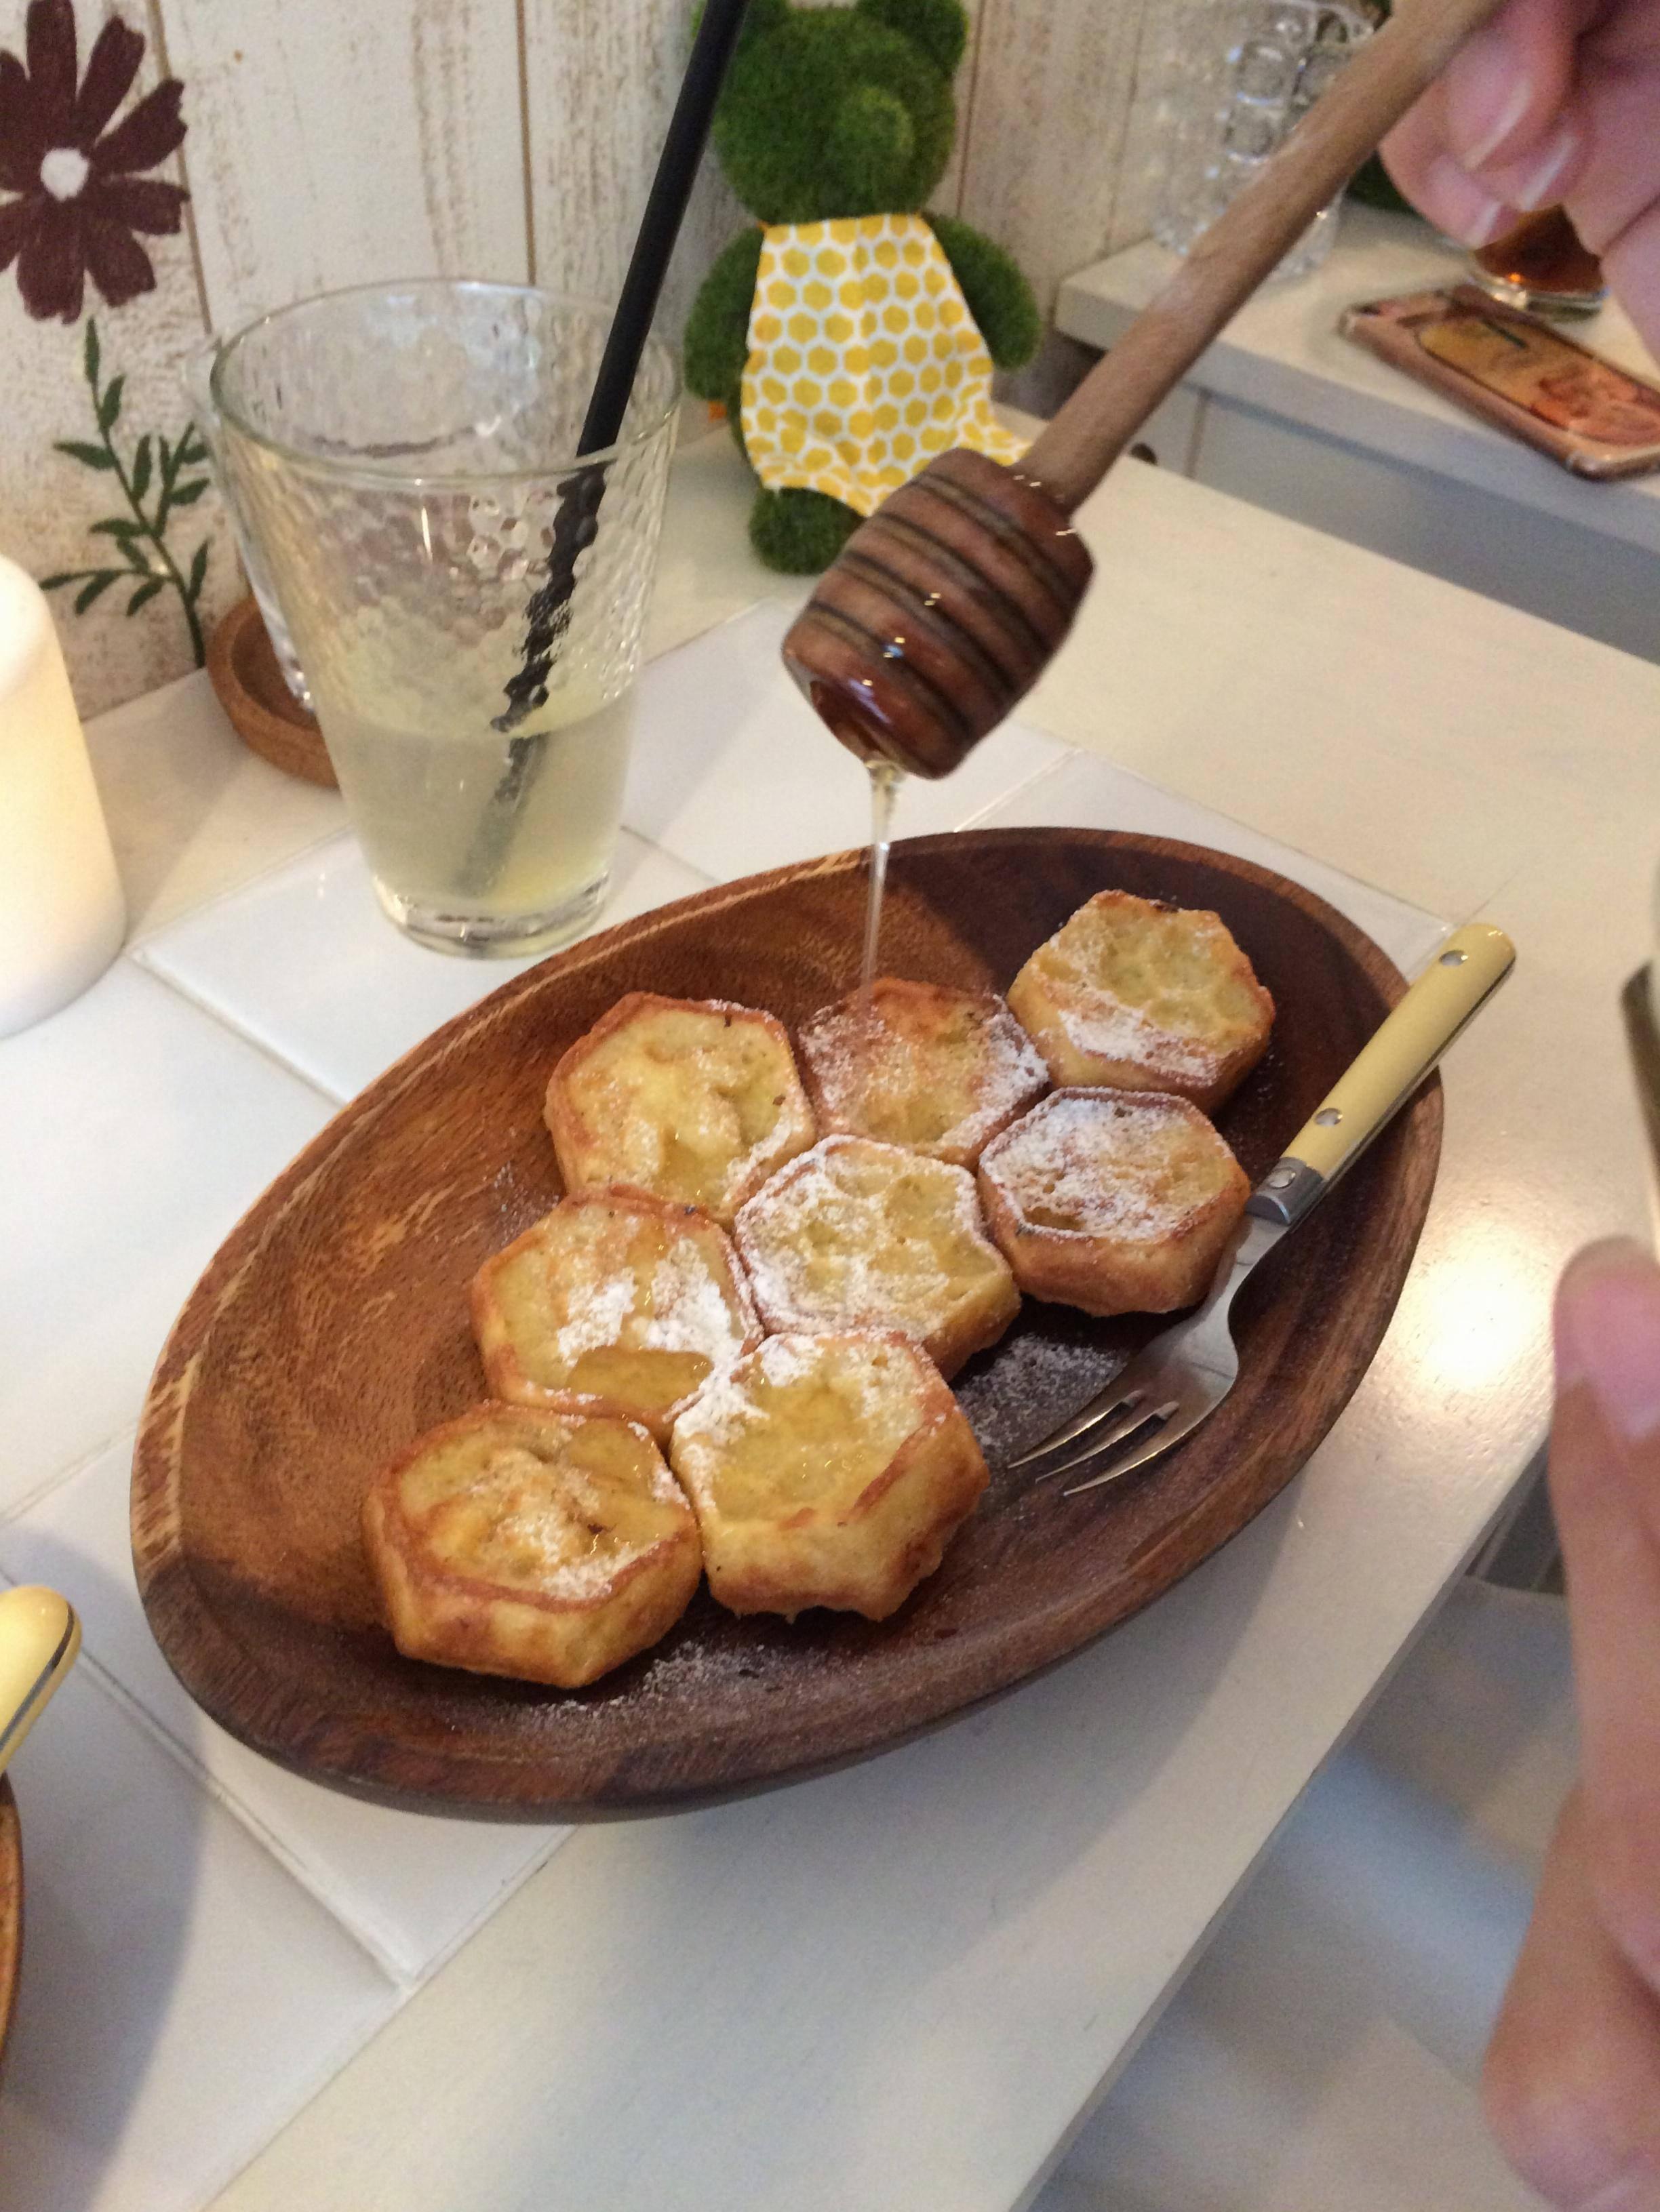 池袋にある可愛いカフェ(・㉨・) | モアハピ部ブログ | daily more